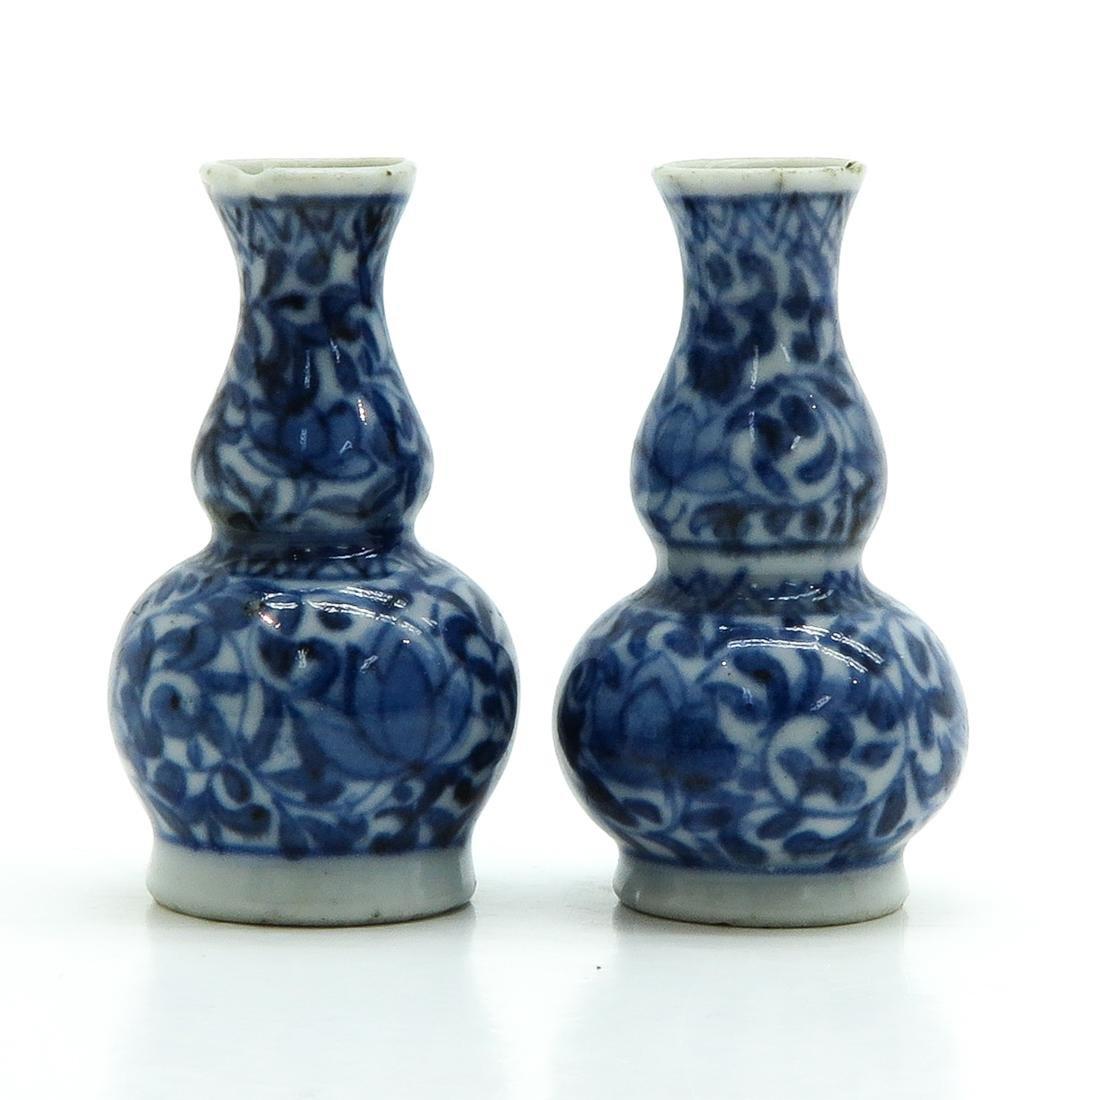 Pair of Miniature Vases - 2